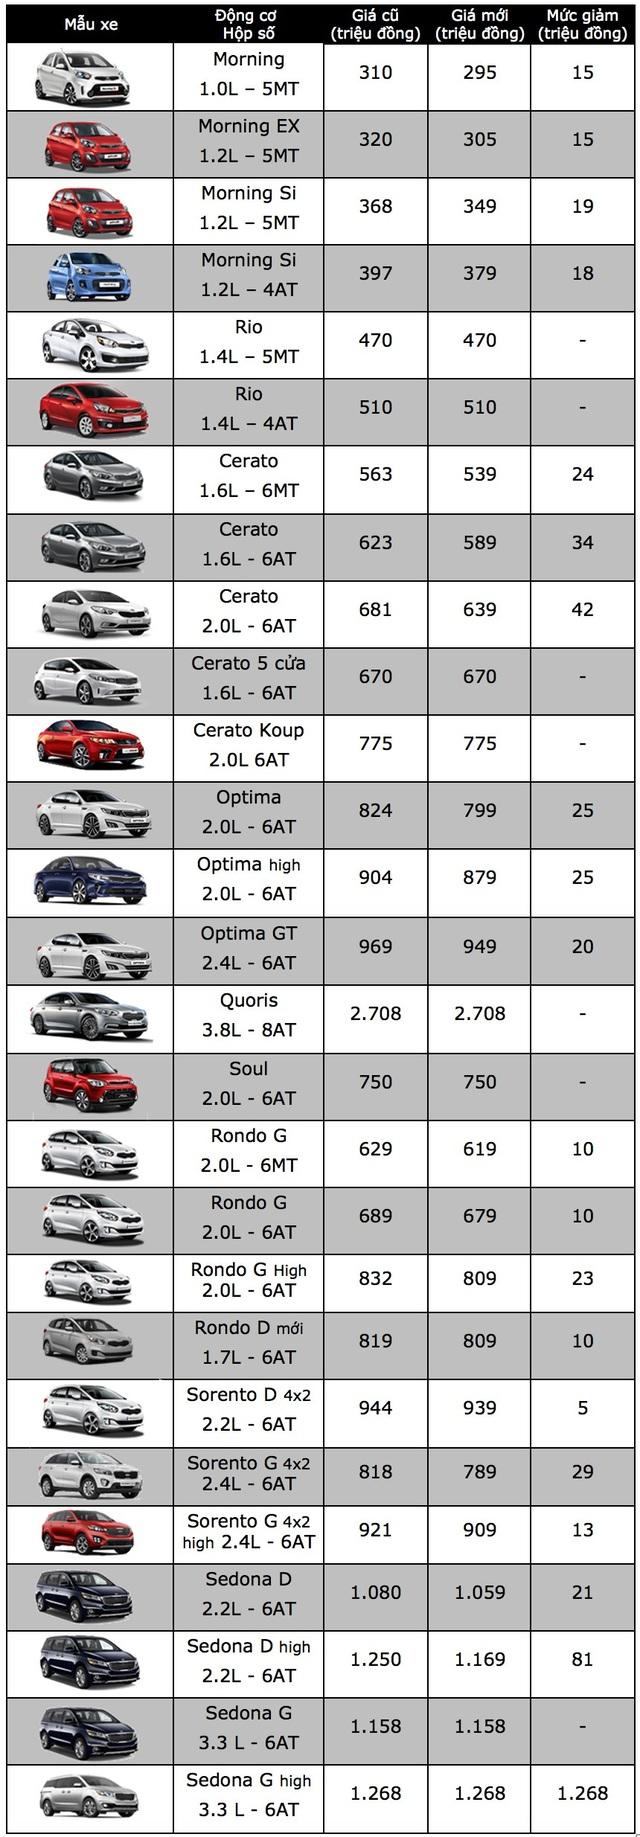 Toàn bộ xe KIA lắp ráp trong nước giảm giá, thị trường diễn biến khó lường - 2